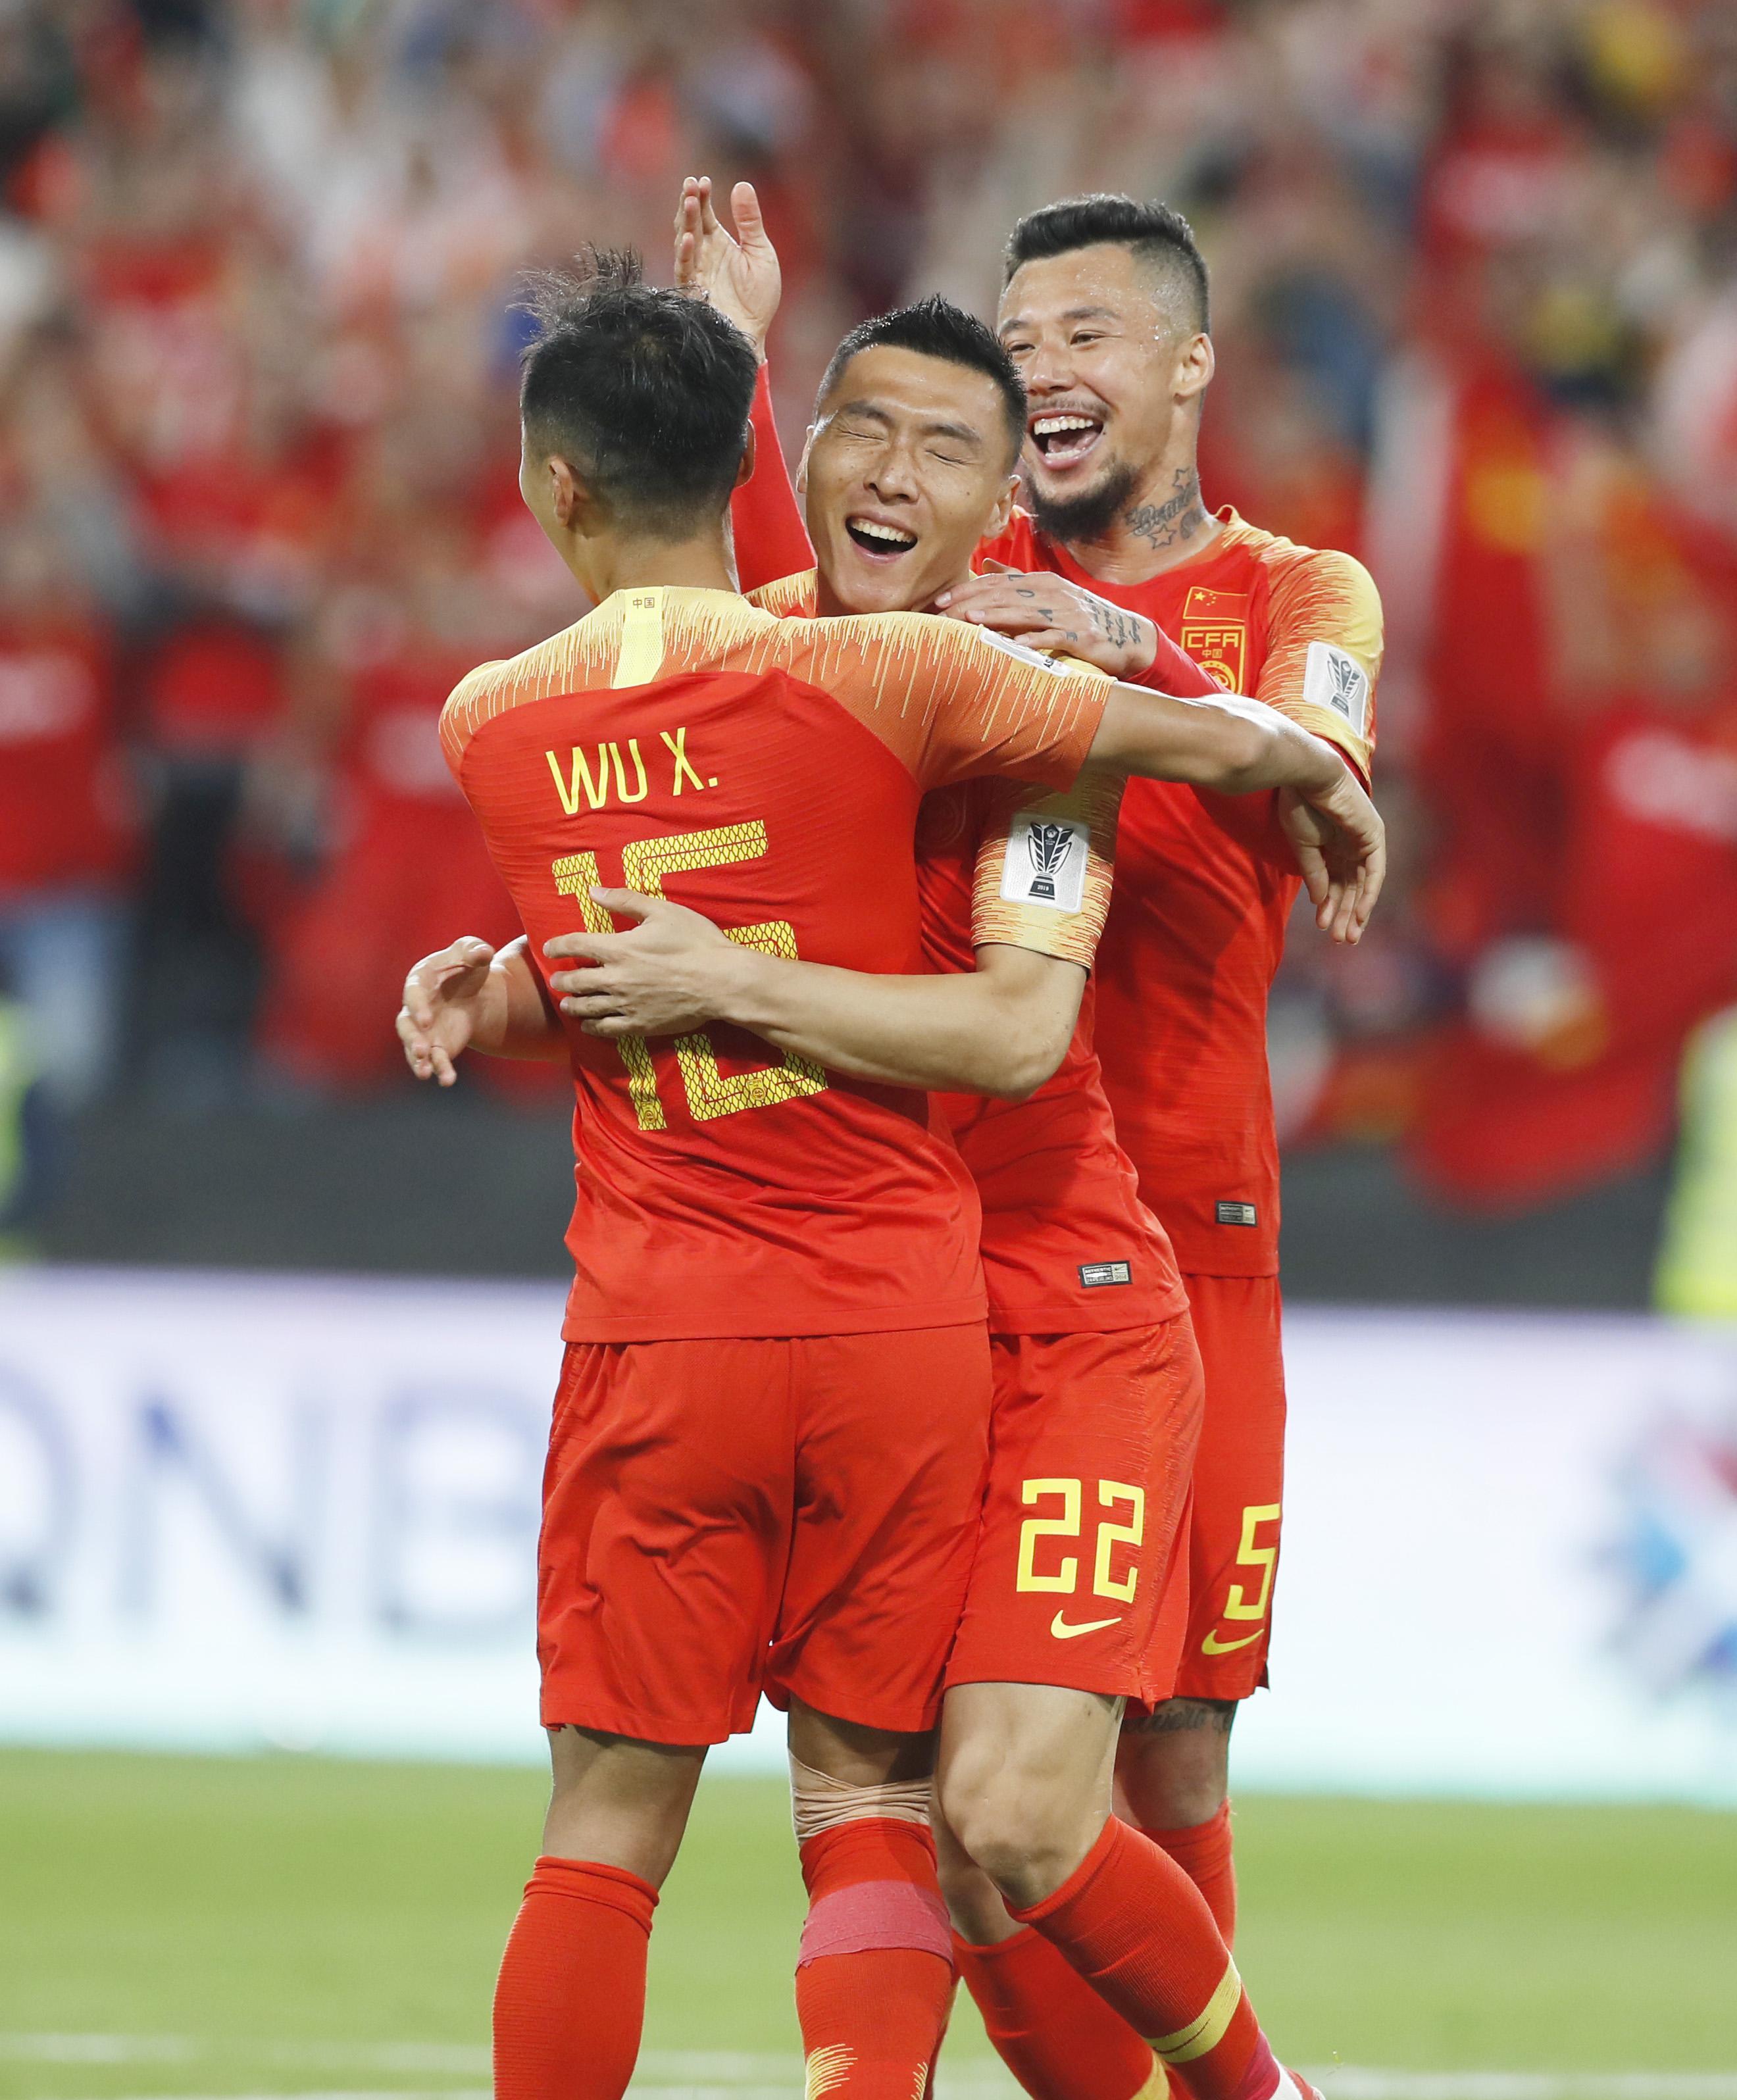 中国胜菲律宾 提前小组出线